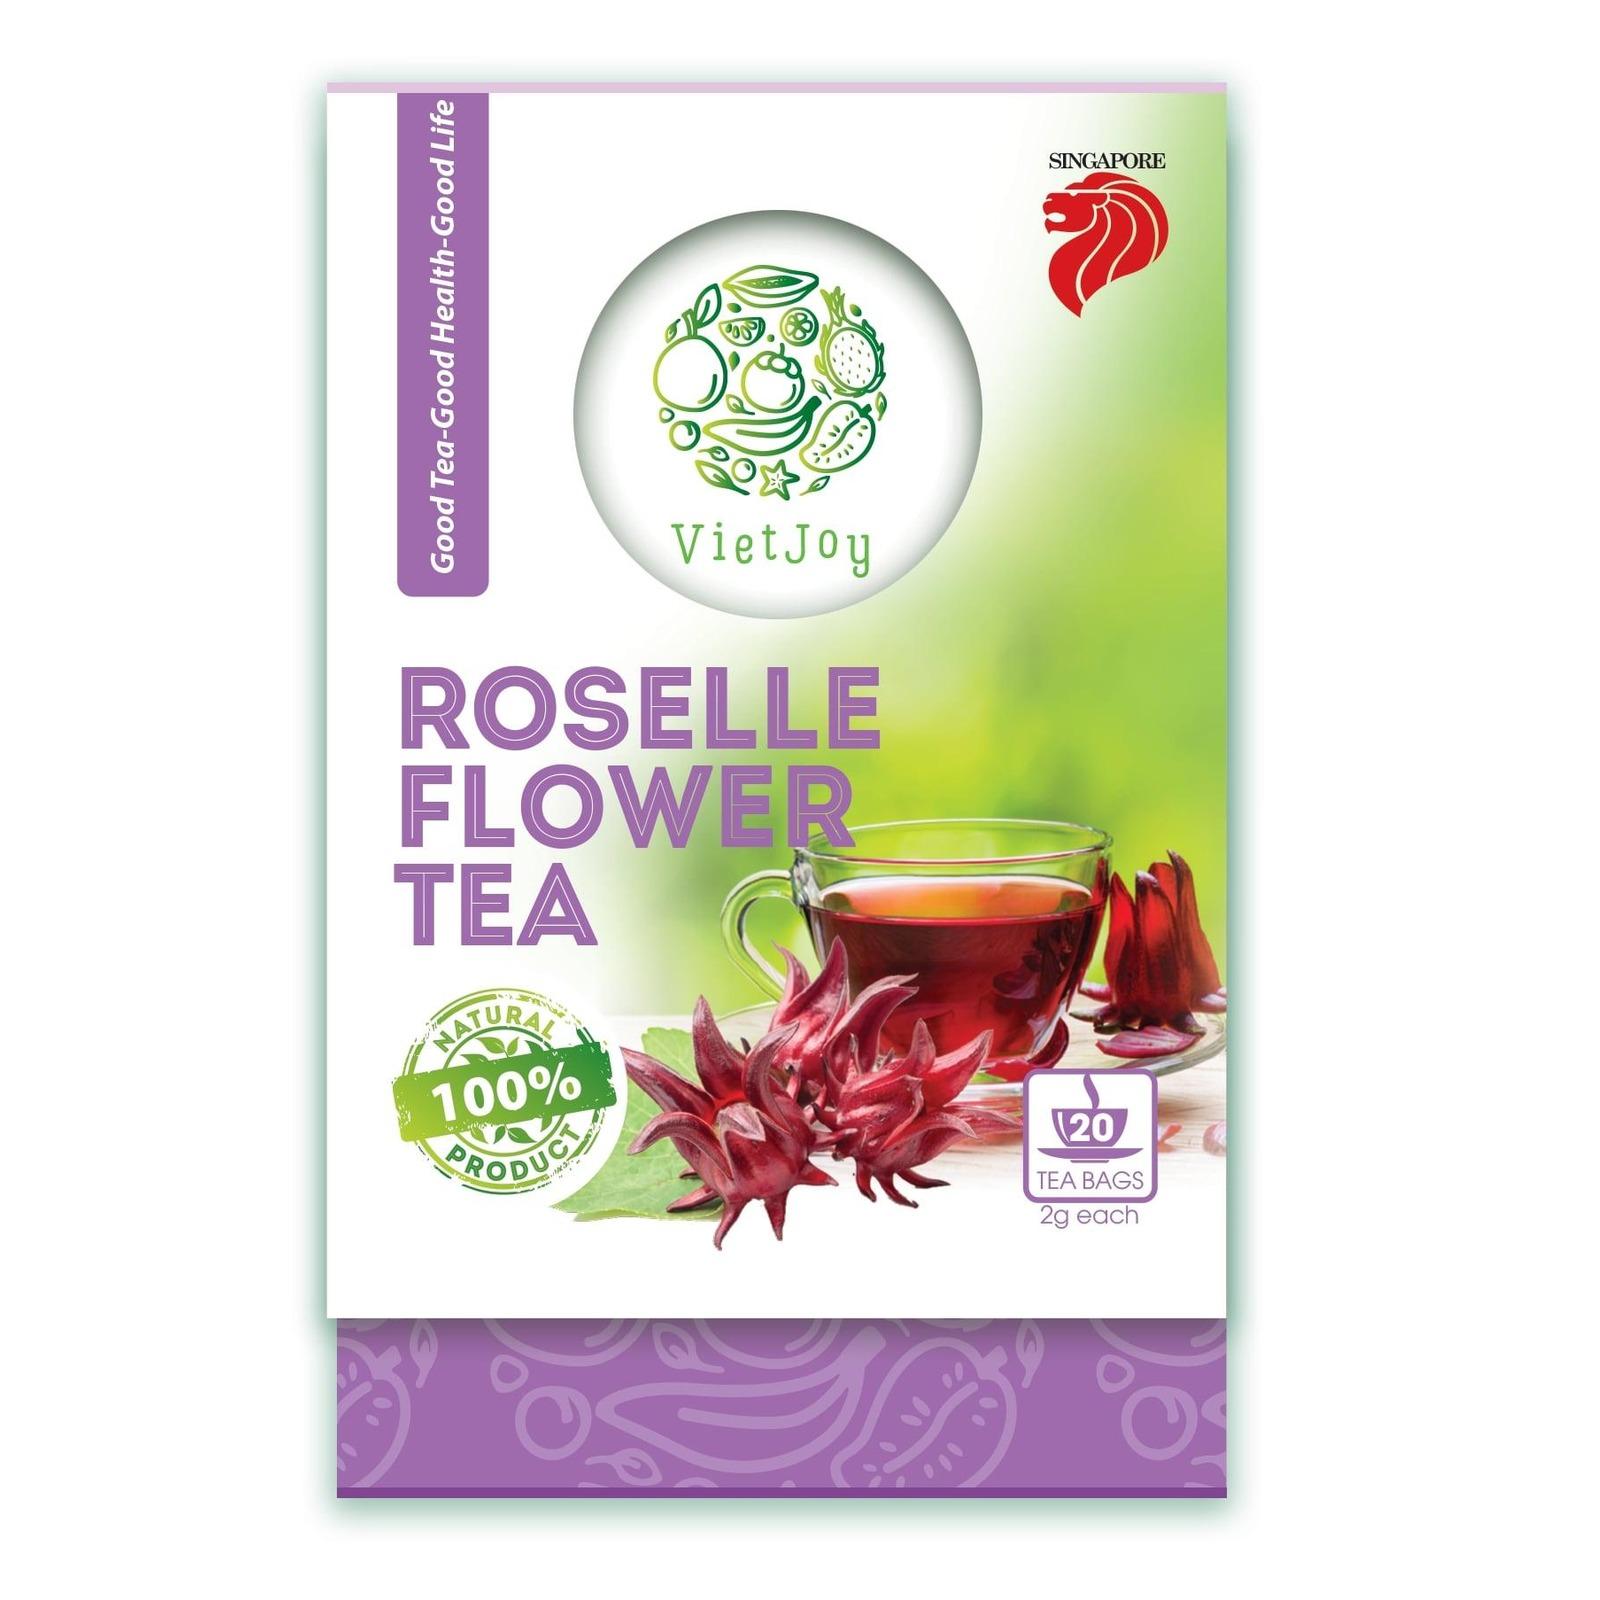 Vietjoy Roselle Flower Tea